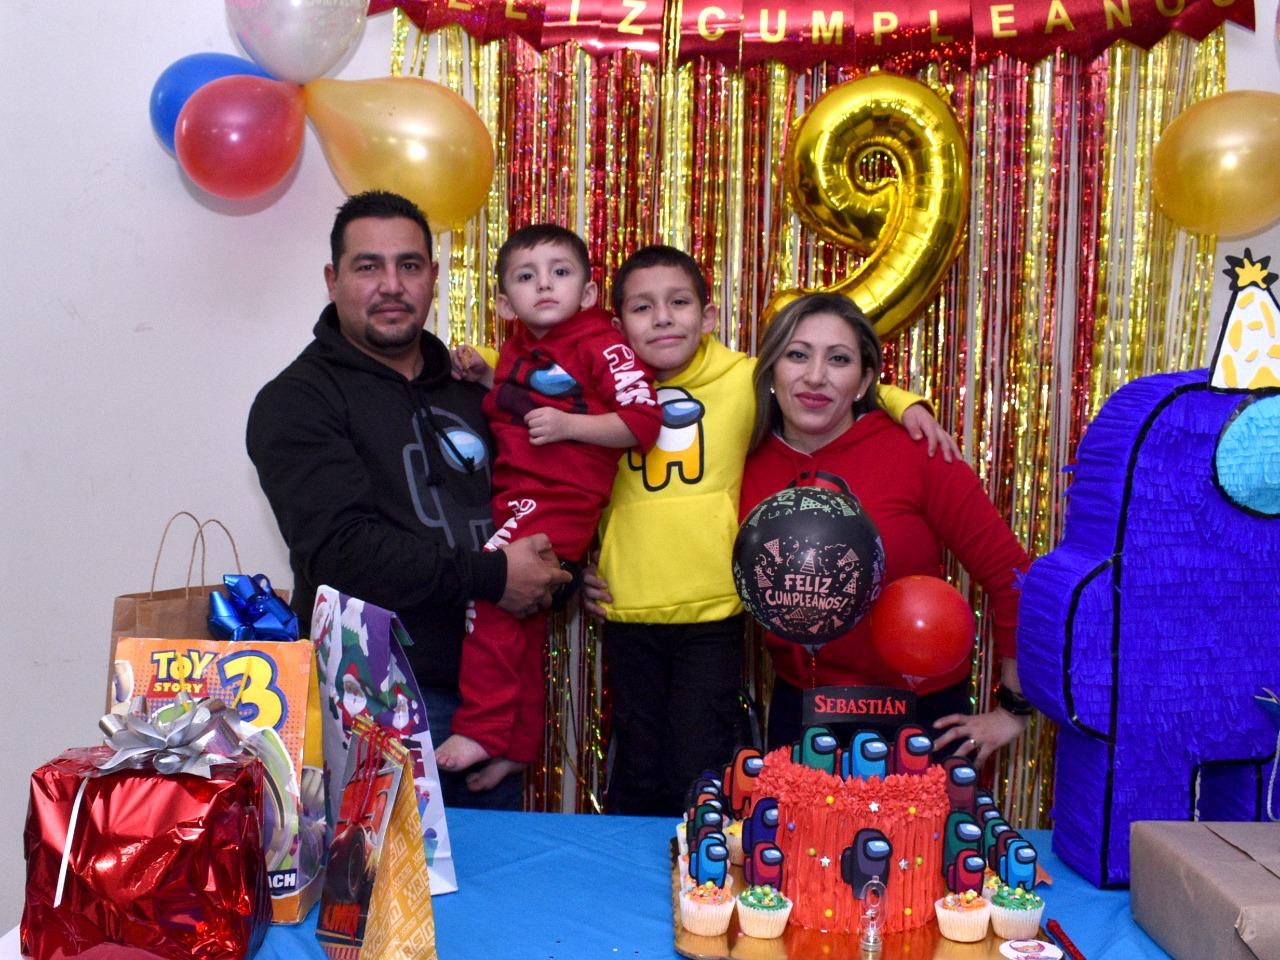 Sebastián festeja su cumpleaños número 9 en Monclova